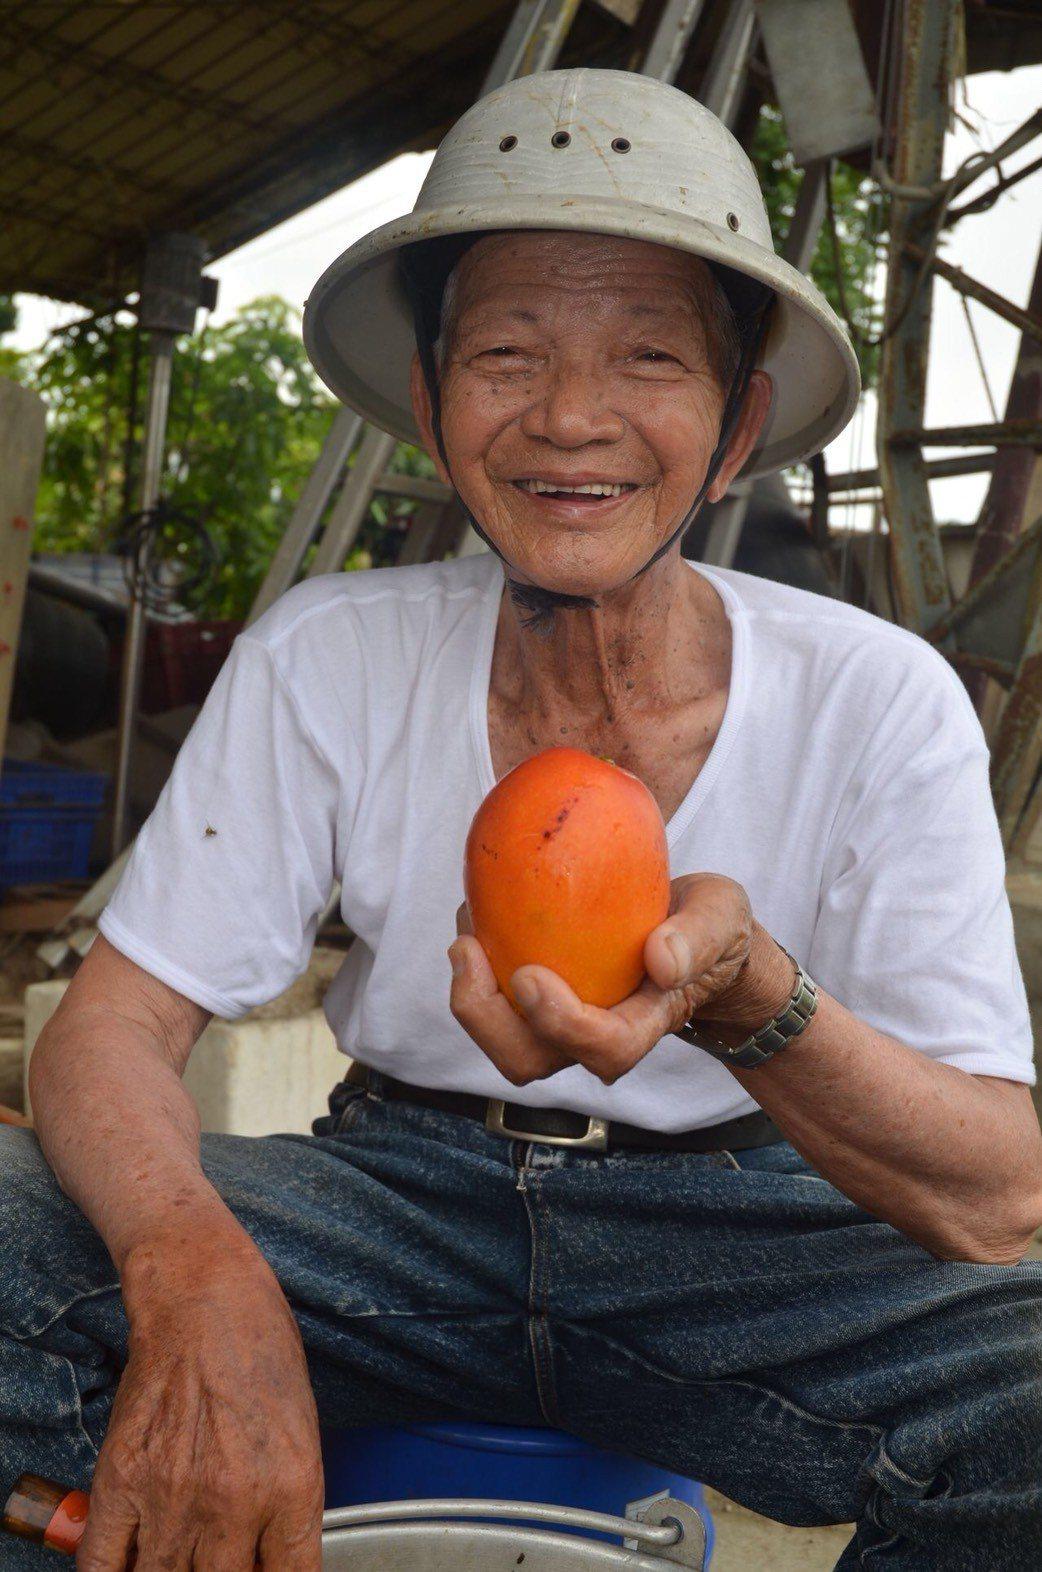 台灣愛文芒果之父鄭罕池,本月1日病逝家中,享年89歲,今天上午7點40分舉行公祭...